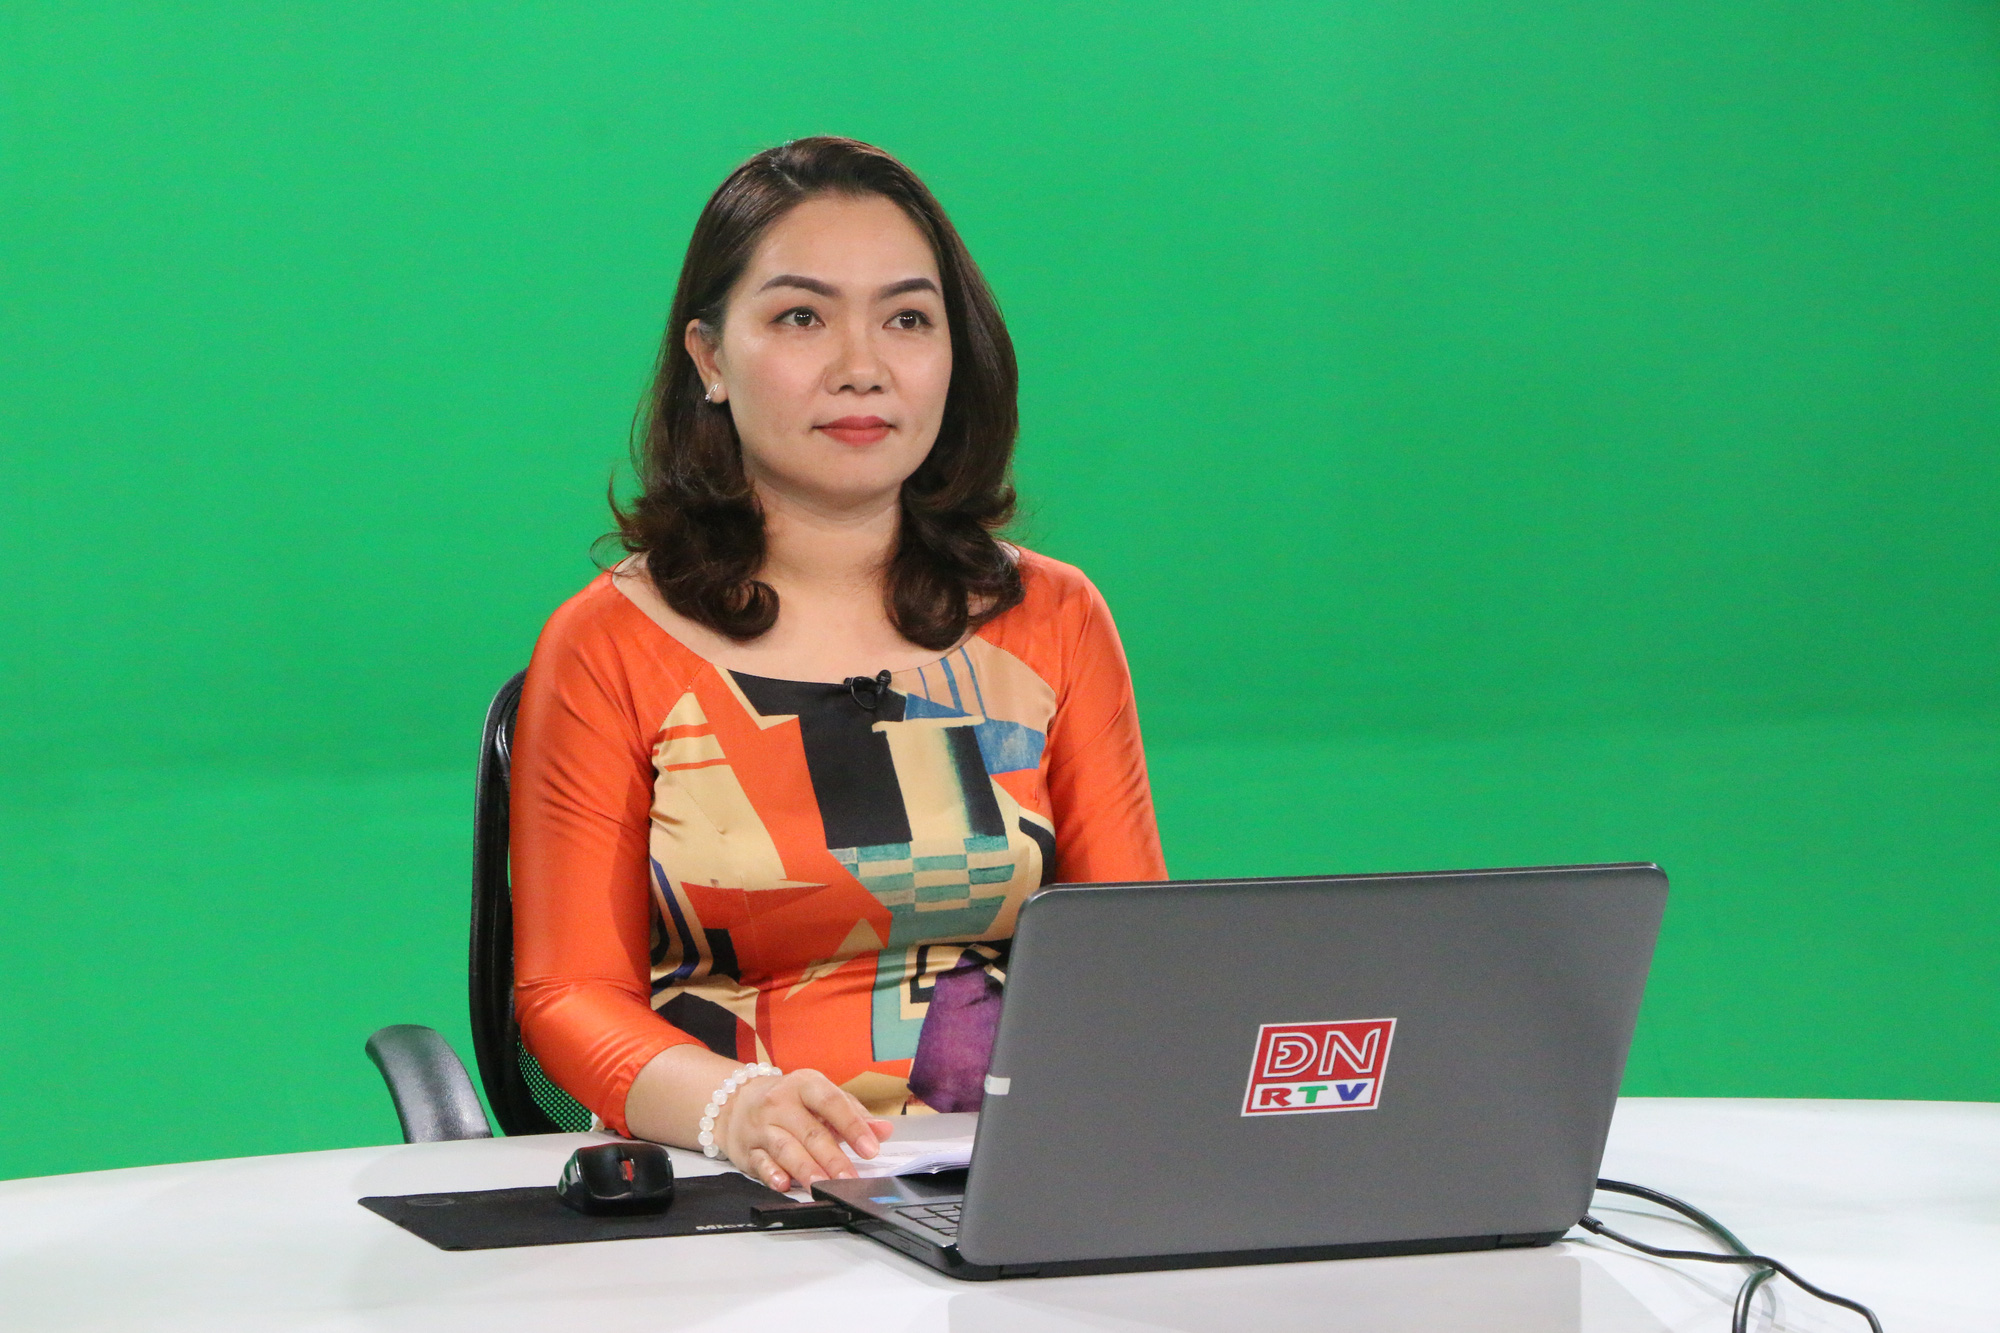 """Không chỉ học online qua Facebook, Skype, một tỉnh """"chơi lớn"""" phát bài giảng trên sóng truyền hình - Ảnh 2."""